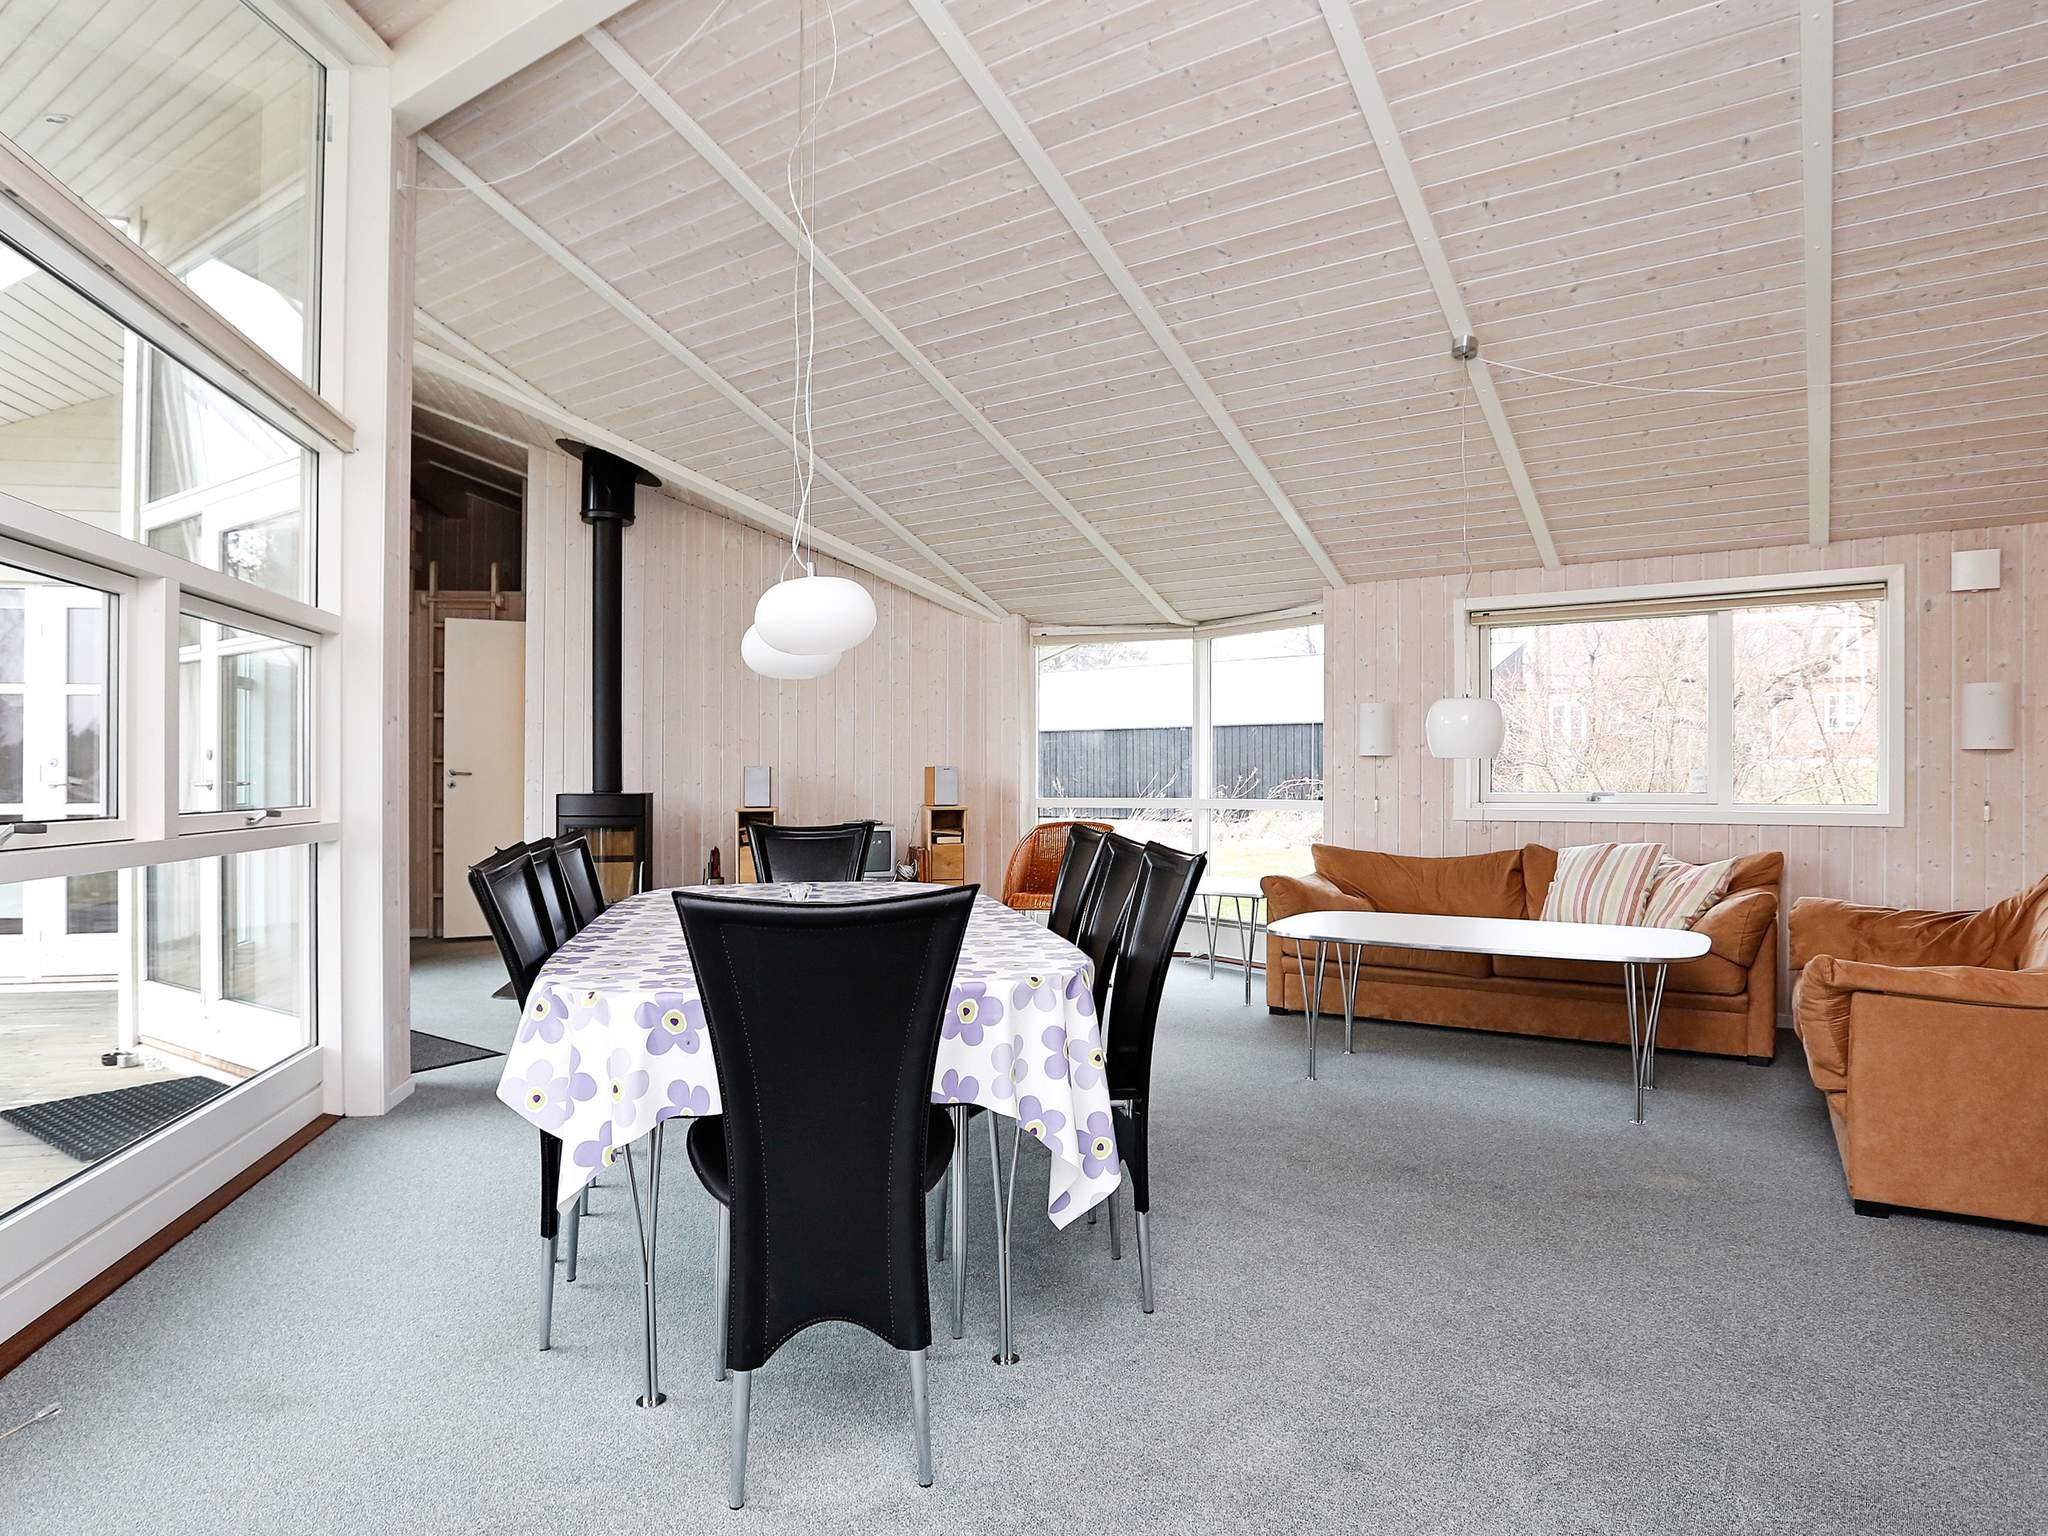 Ferienhaus Udsholt Strand (135446), Gilleleje, , Nordseeland, Dänemark, Bild 3